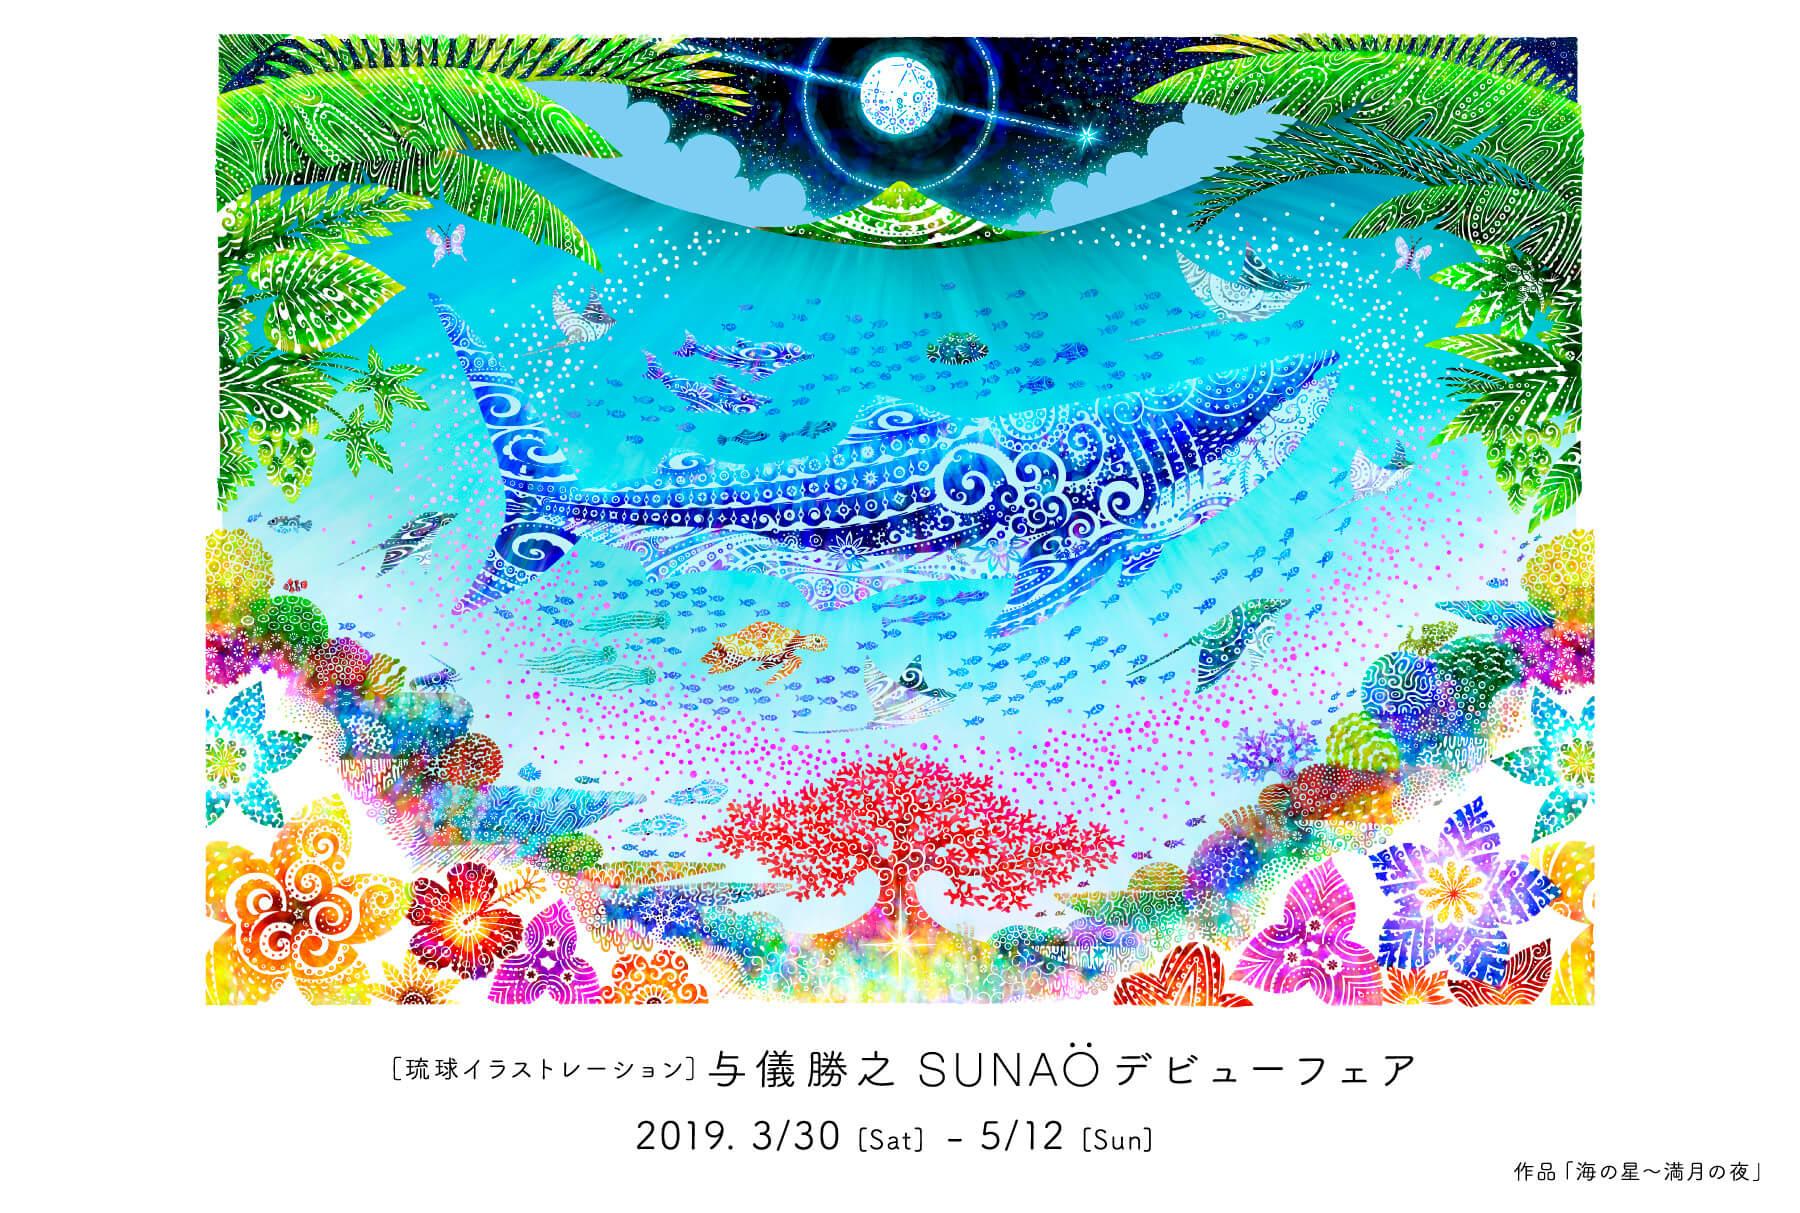 〈展示販売〉SUNAÖデビューフェア(さいたま新都心)